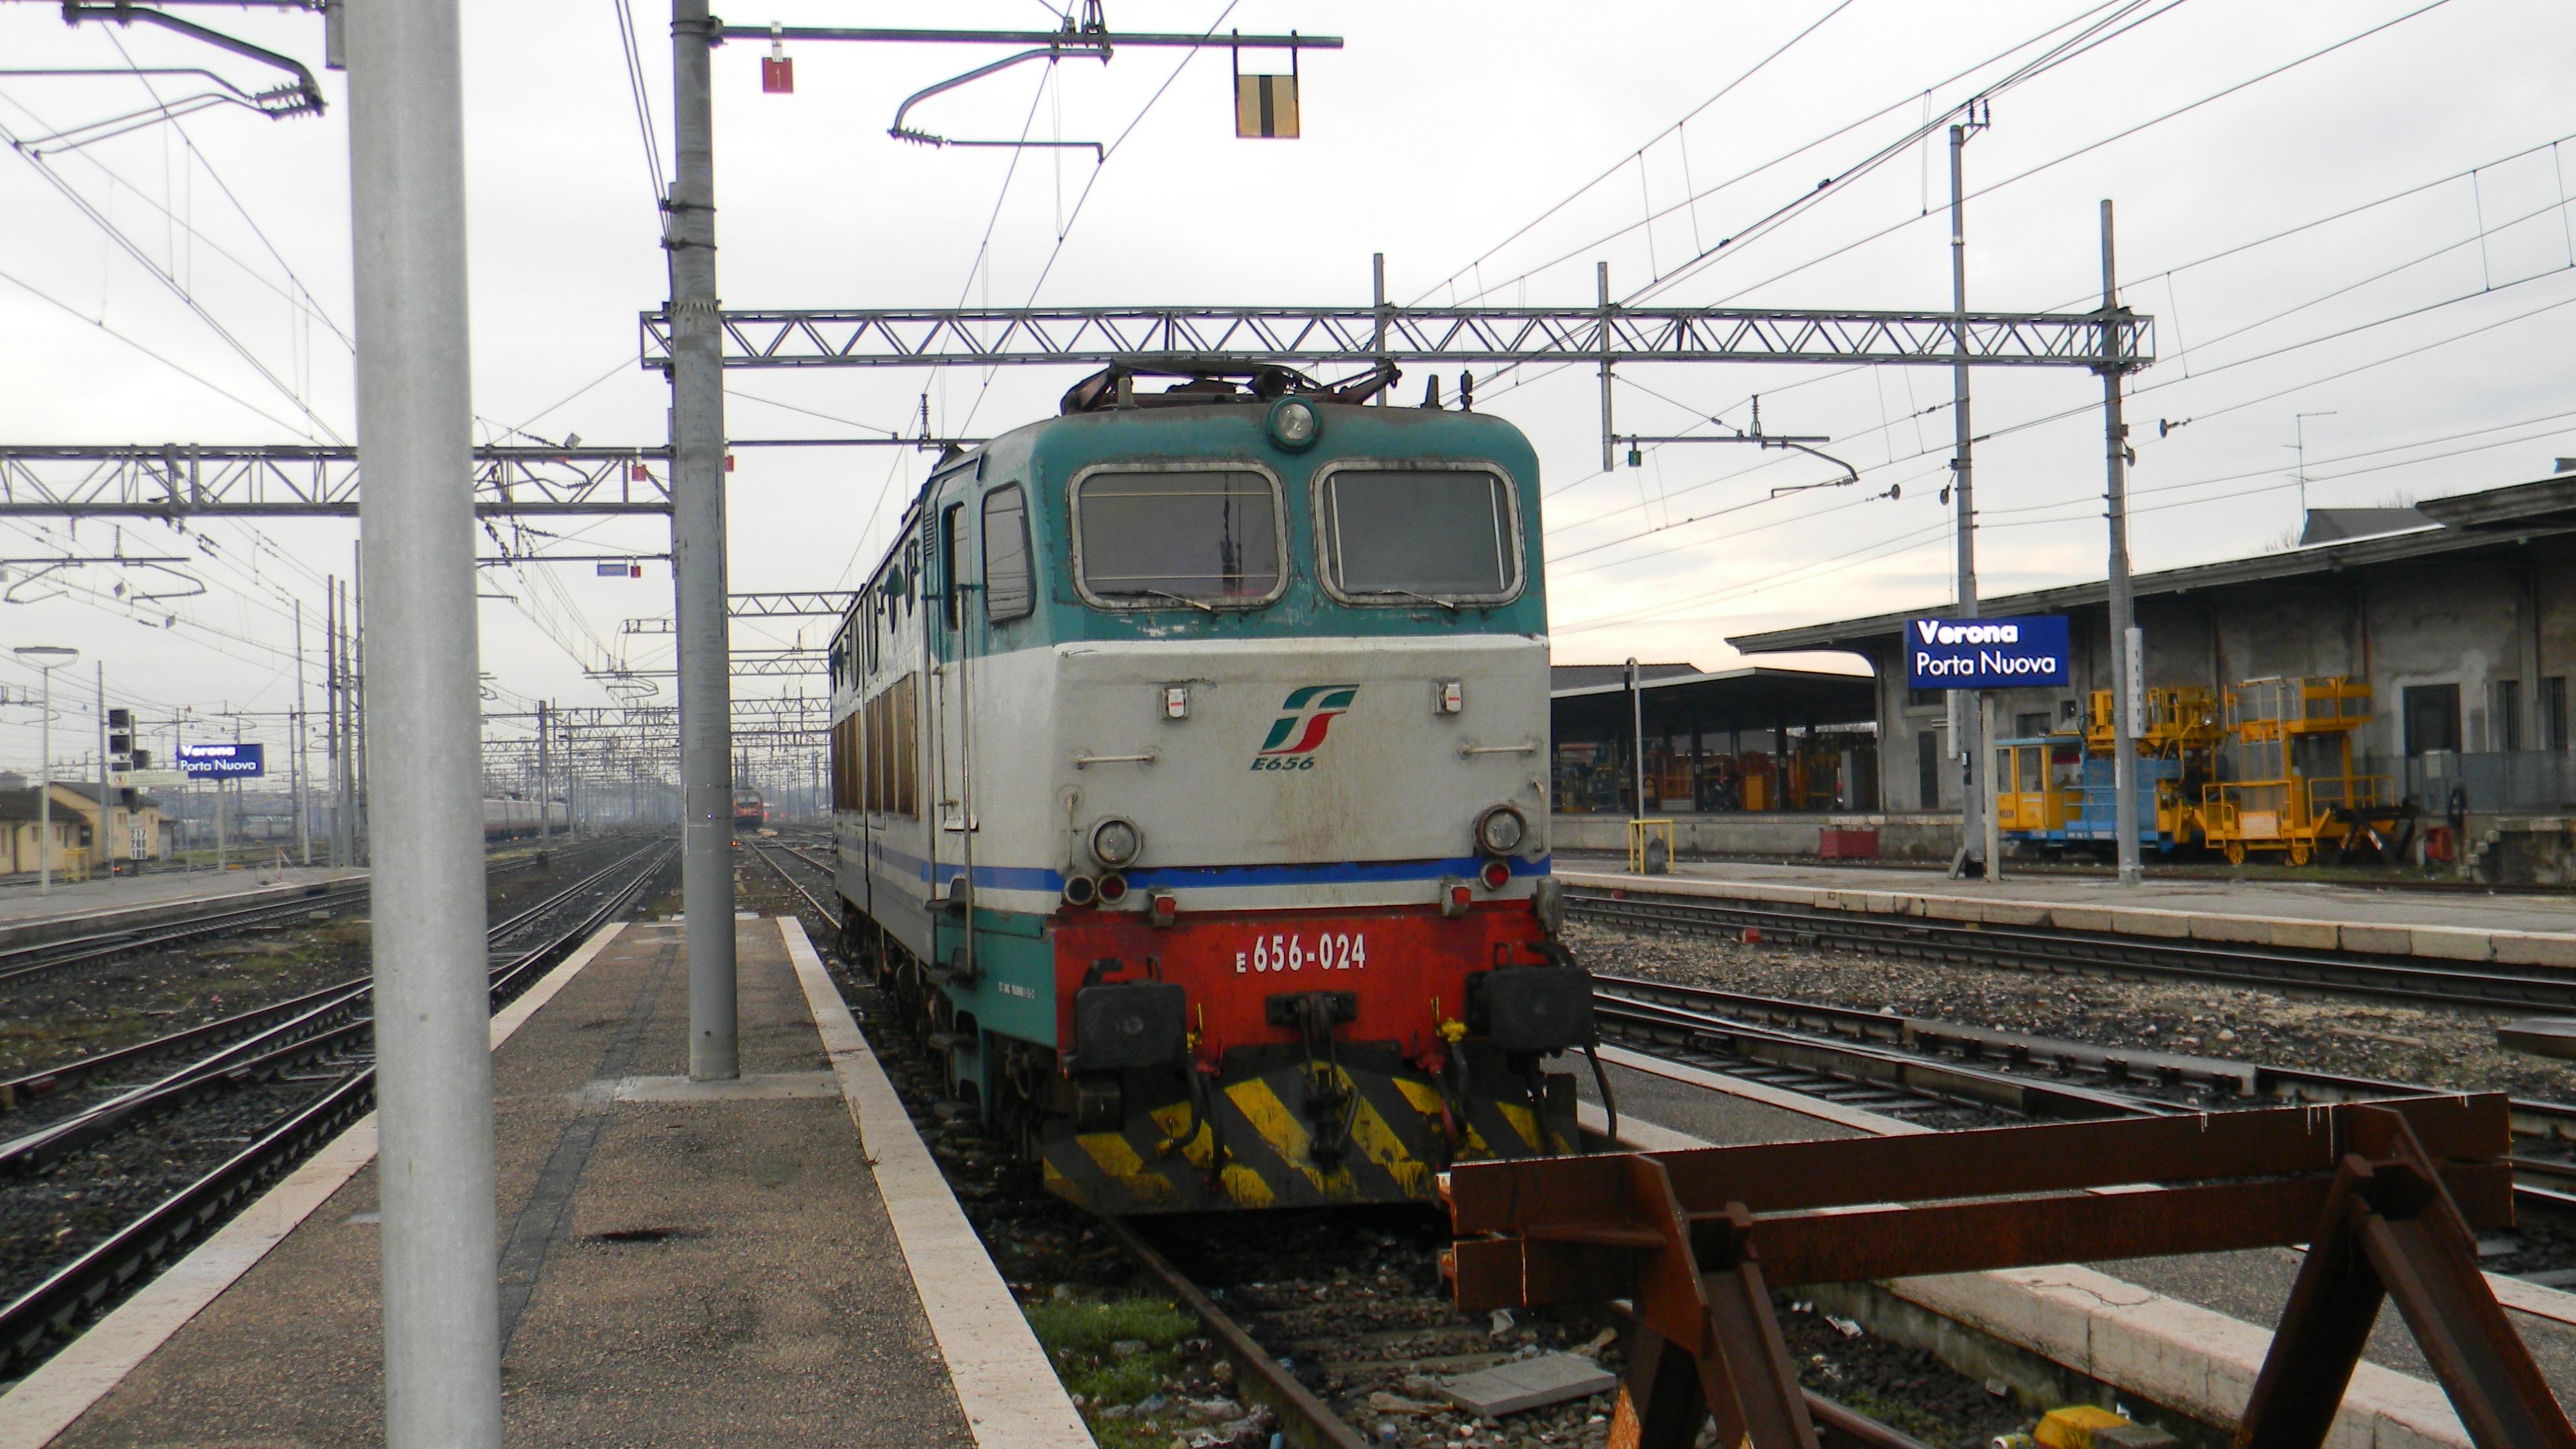 Abbigliamento di moda i vostri sogni orari treni porta - Orari treni milano torino porta nuova ...